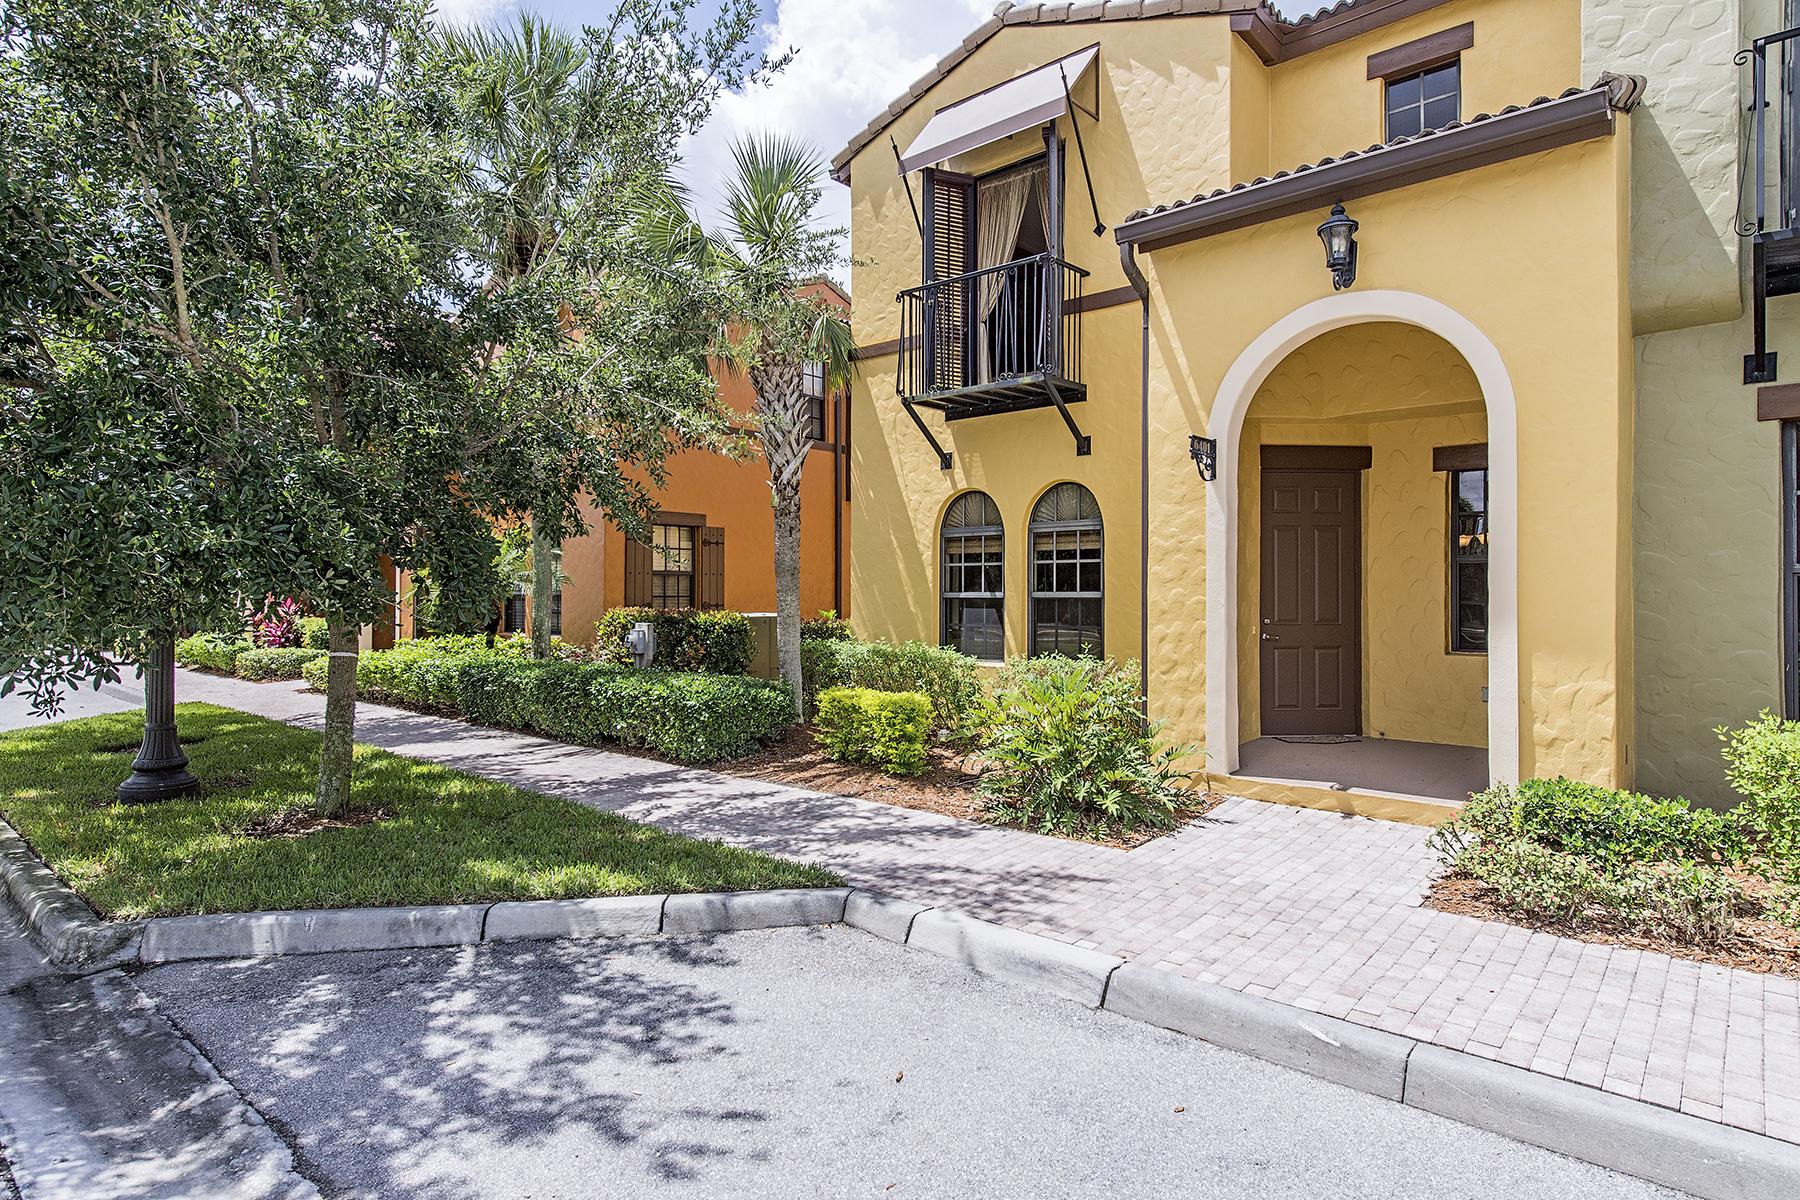 Condomínio para Venda às LELY RESORT - OLE 9092 Capistrano St S 6401 Naples, Florida 34113 Estados Unidos